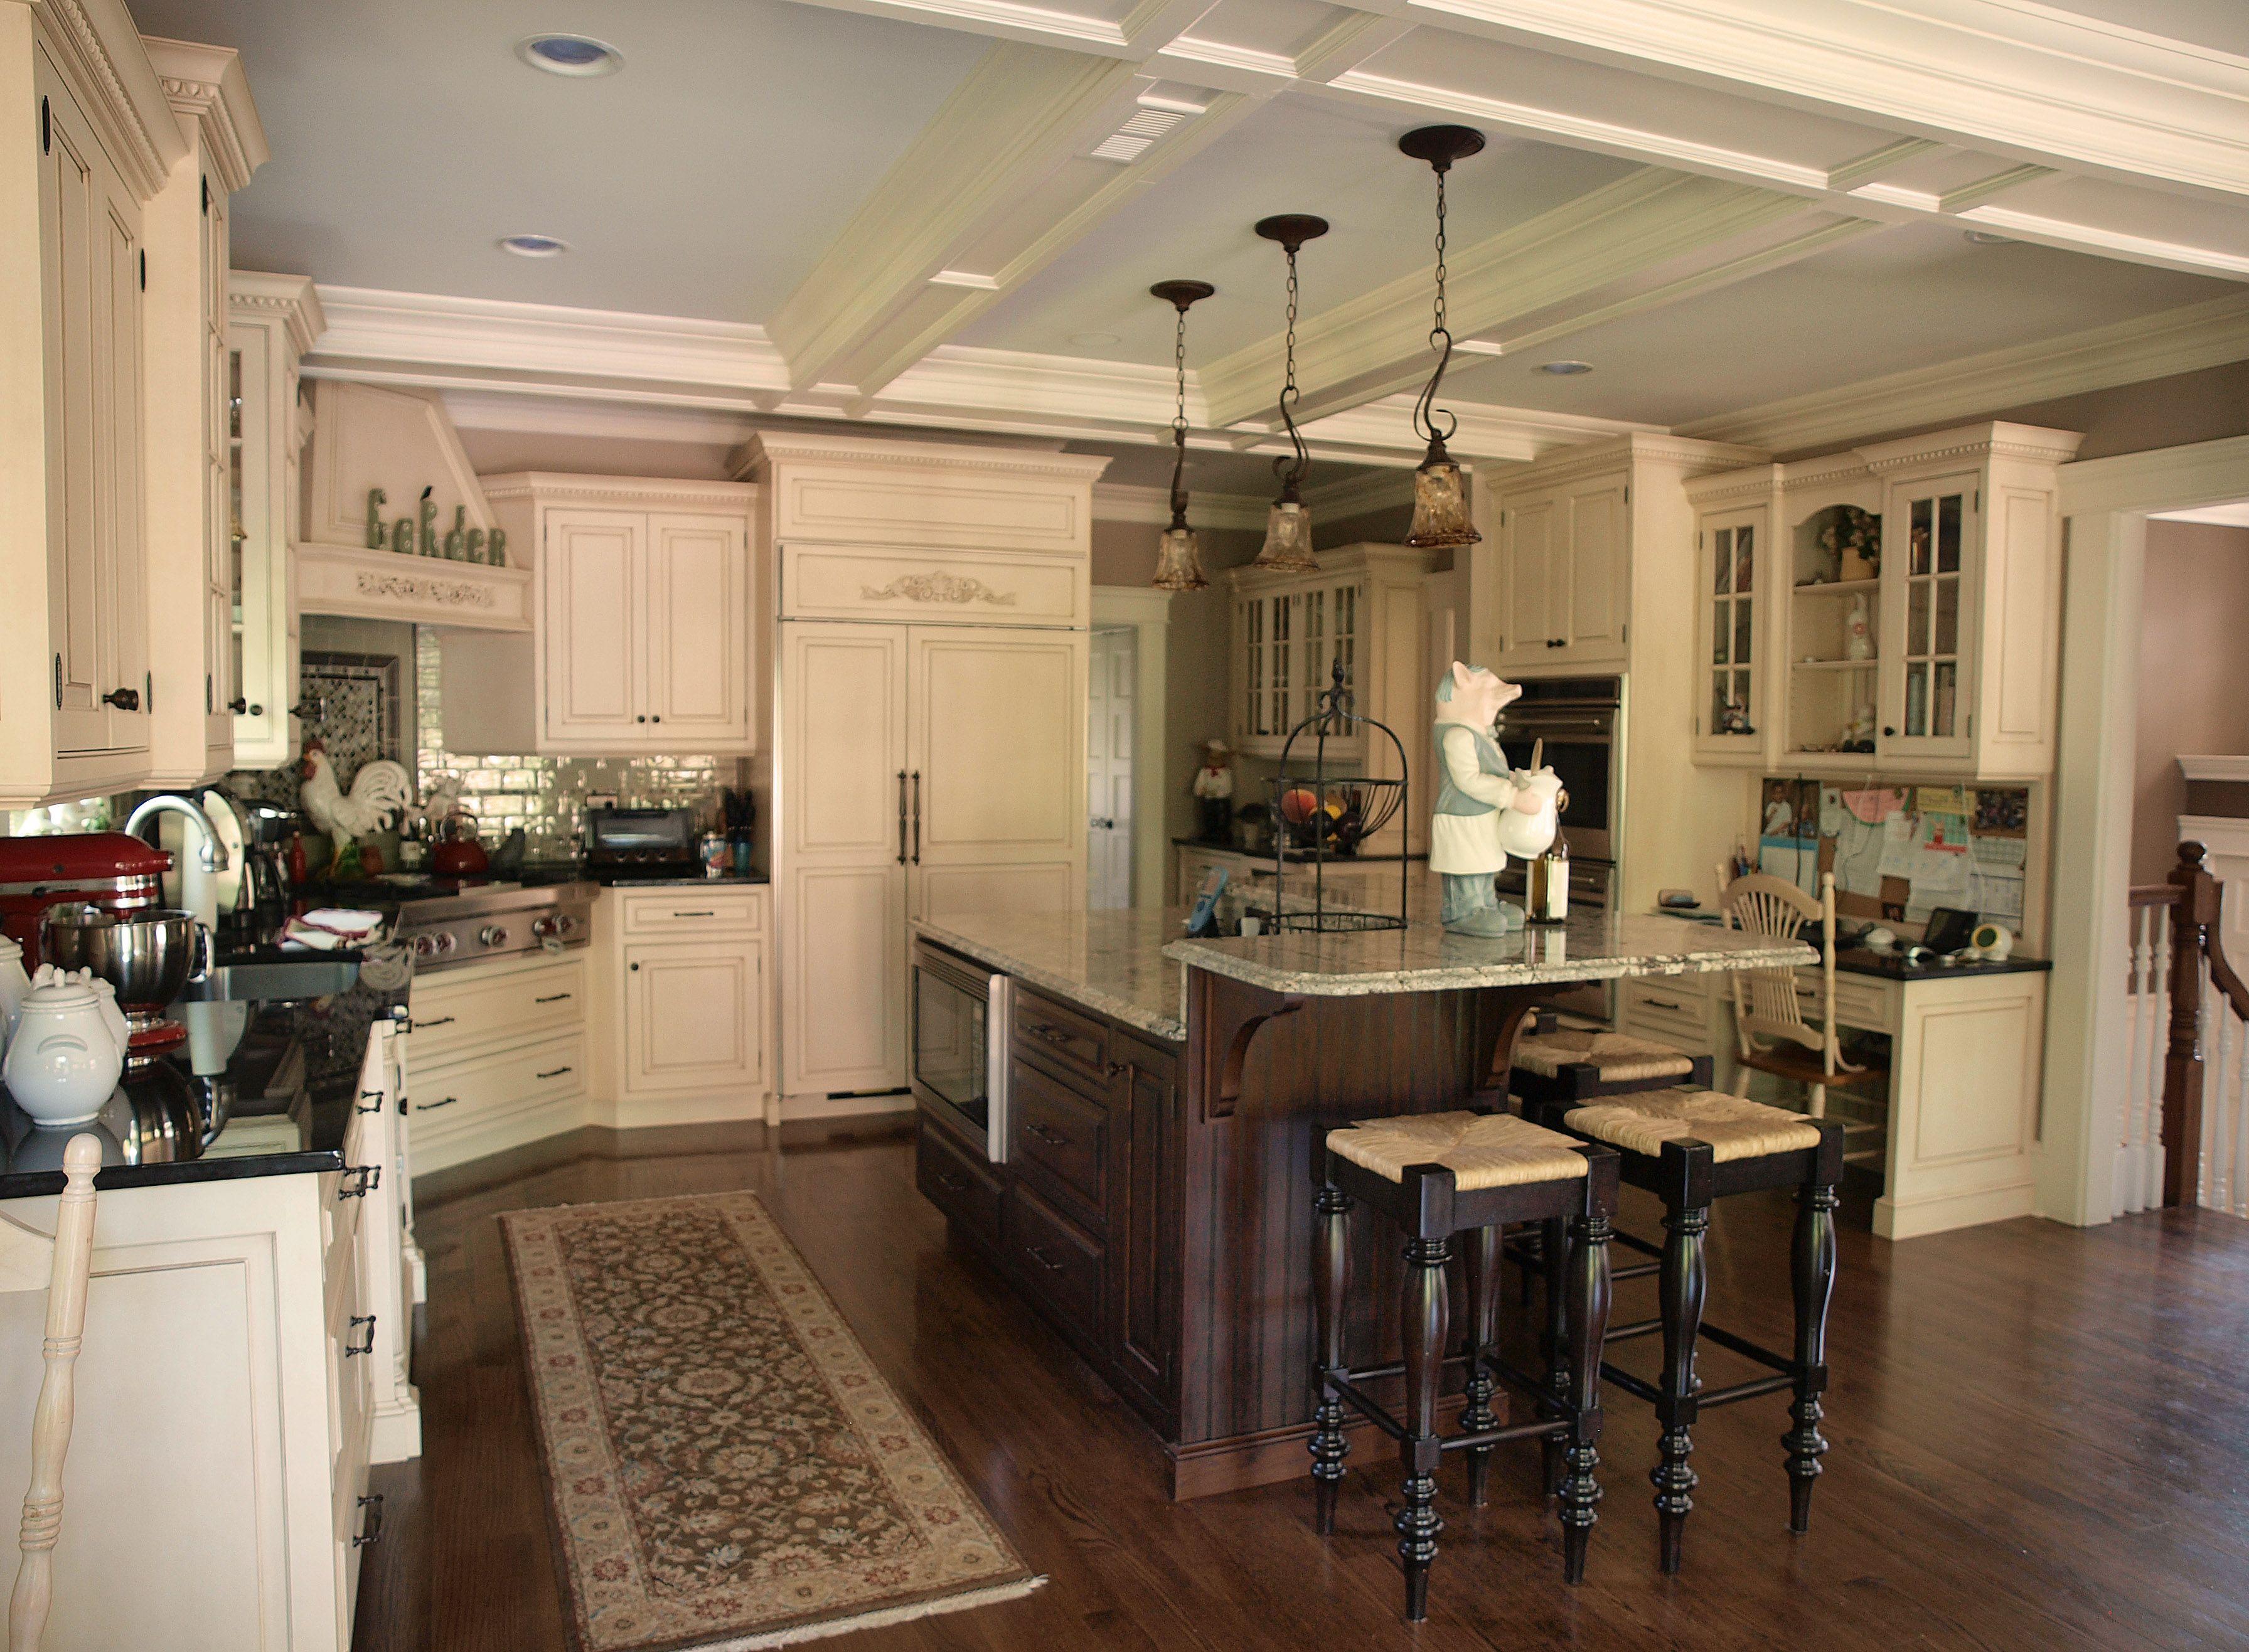 Kitchens   Kitchen remodel, Cool kitchens, Kitchen